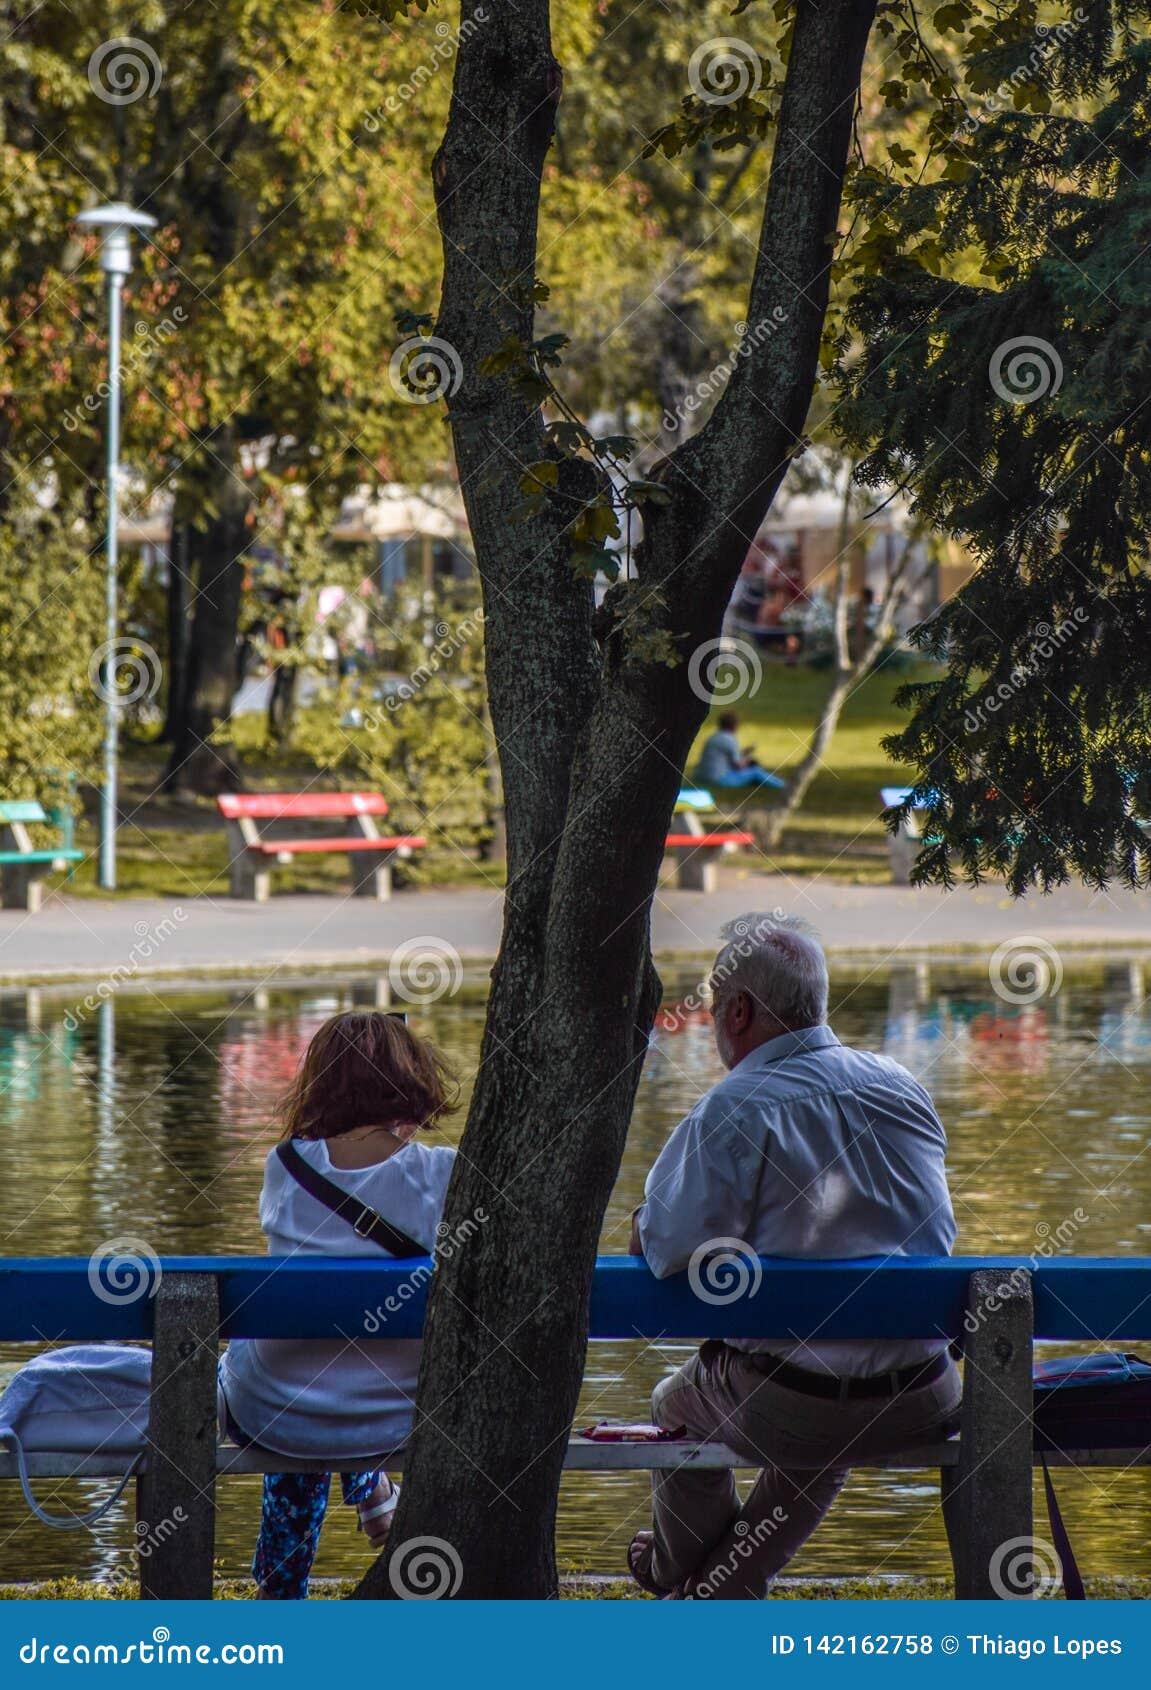 Budapest, Ungheria, 13 settembre, 2019 - coppie anziane che godono del giorno davanti ad un lago al parco del varolisget